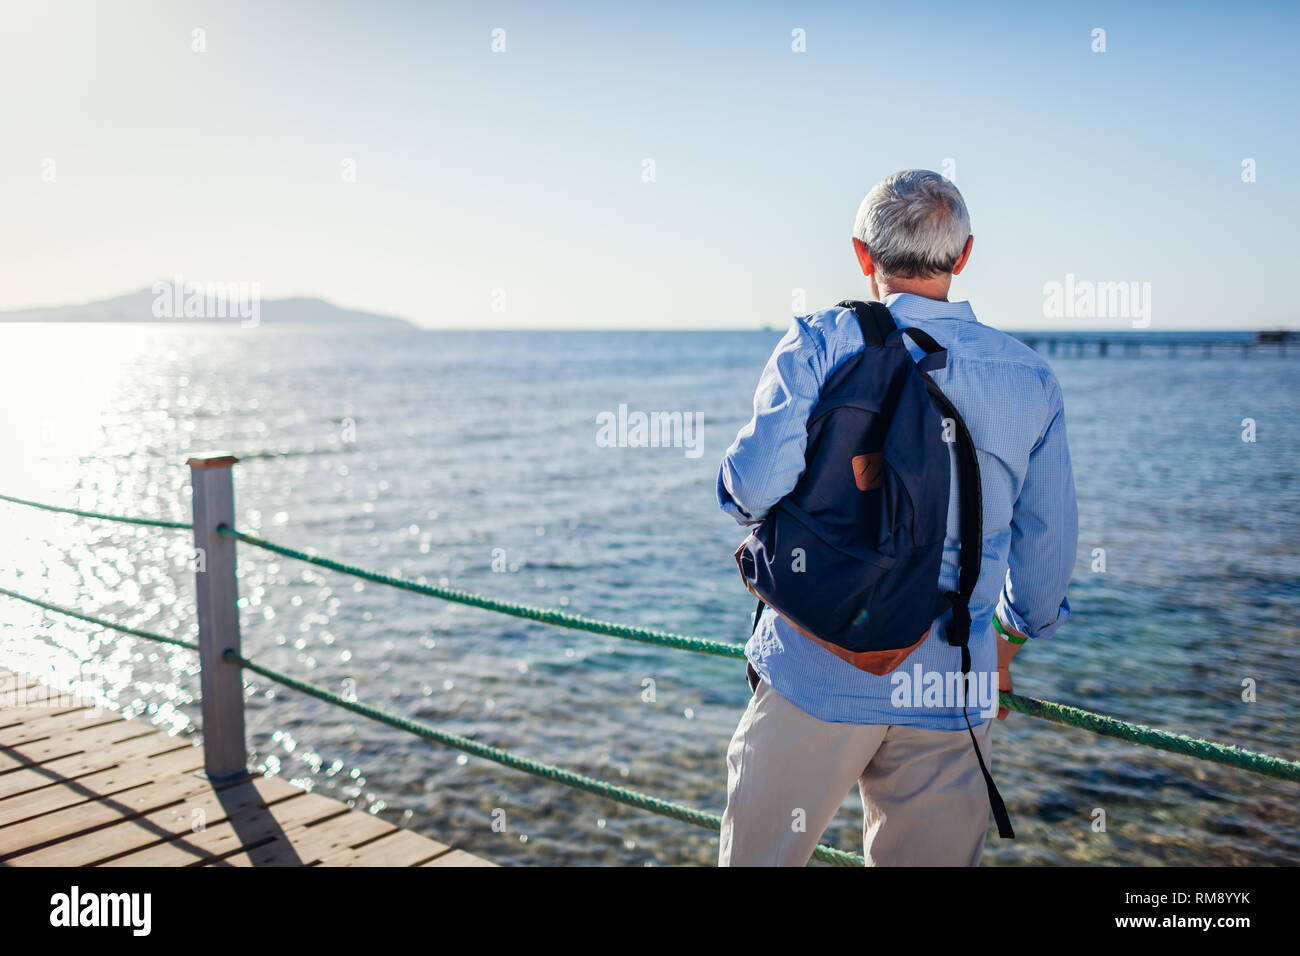 Älterer Mann mit Rucksack Landschaft bewundern, das Rote Meer und die Insel Tiran am Pier. Reisen und Tourismus Konzept. Sommer Urlaub Stockbild